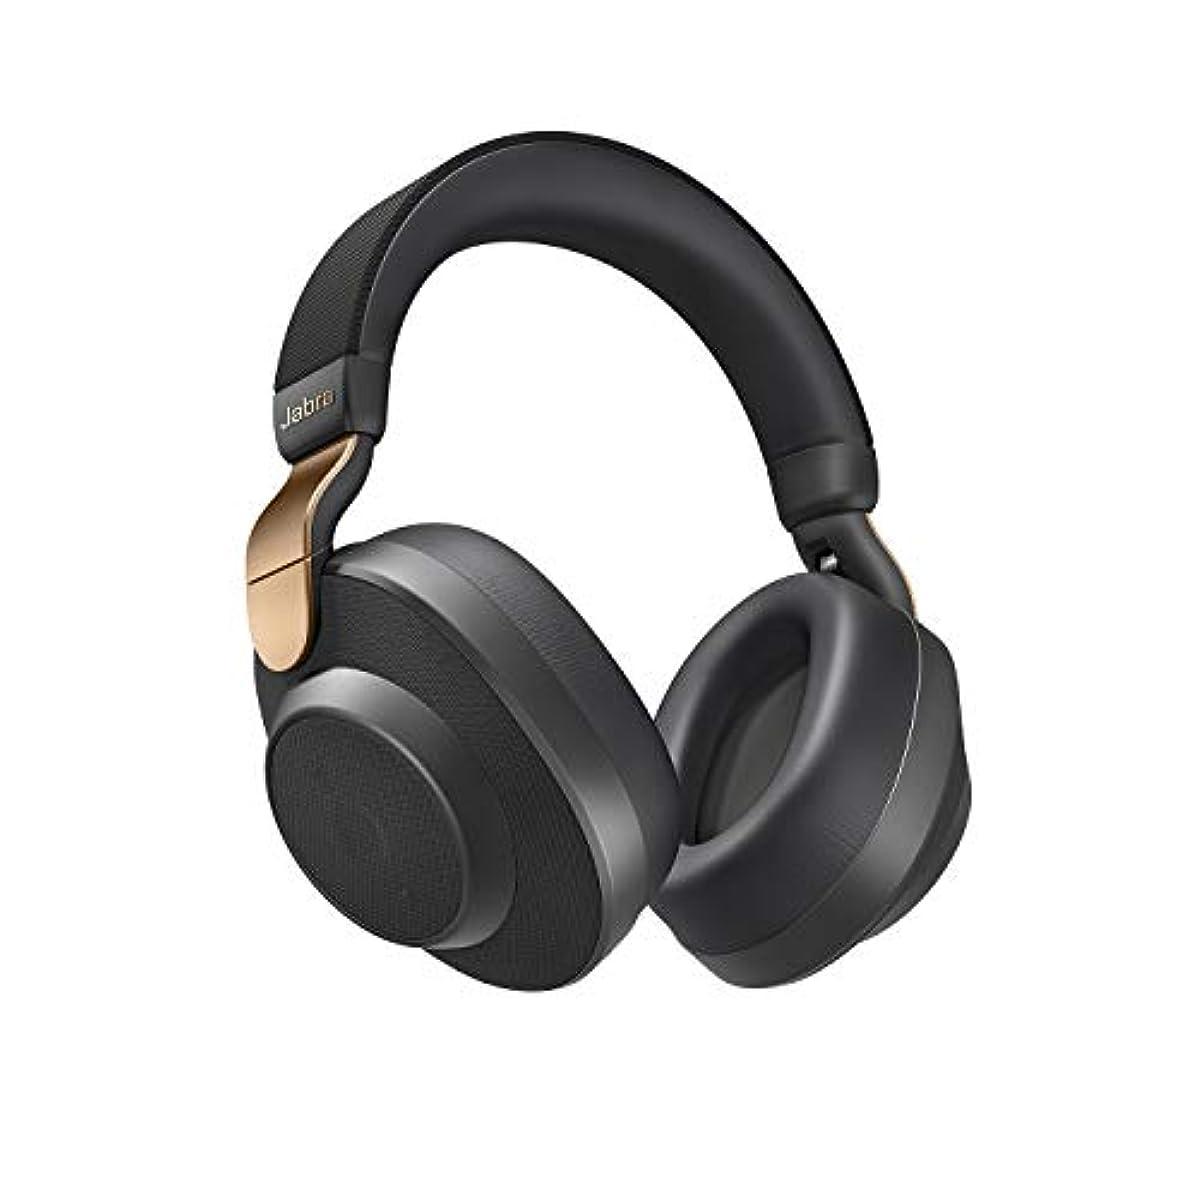 [해외] Jabra 무선 노이즈 캔슬링 헤드폰 Elite 85h 코퍼 블랙 Alexa 지원 BT5.0 AI 100-99030004-40-A